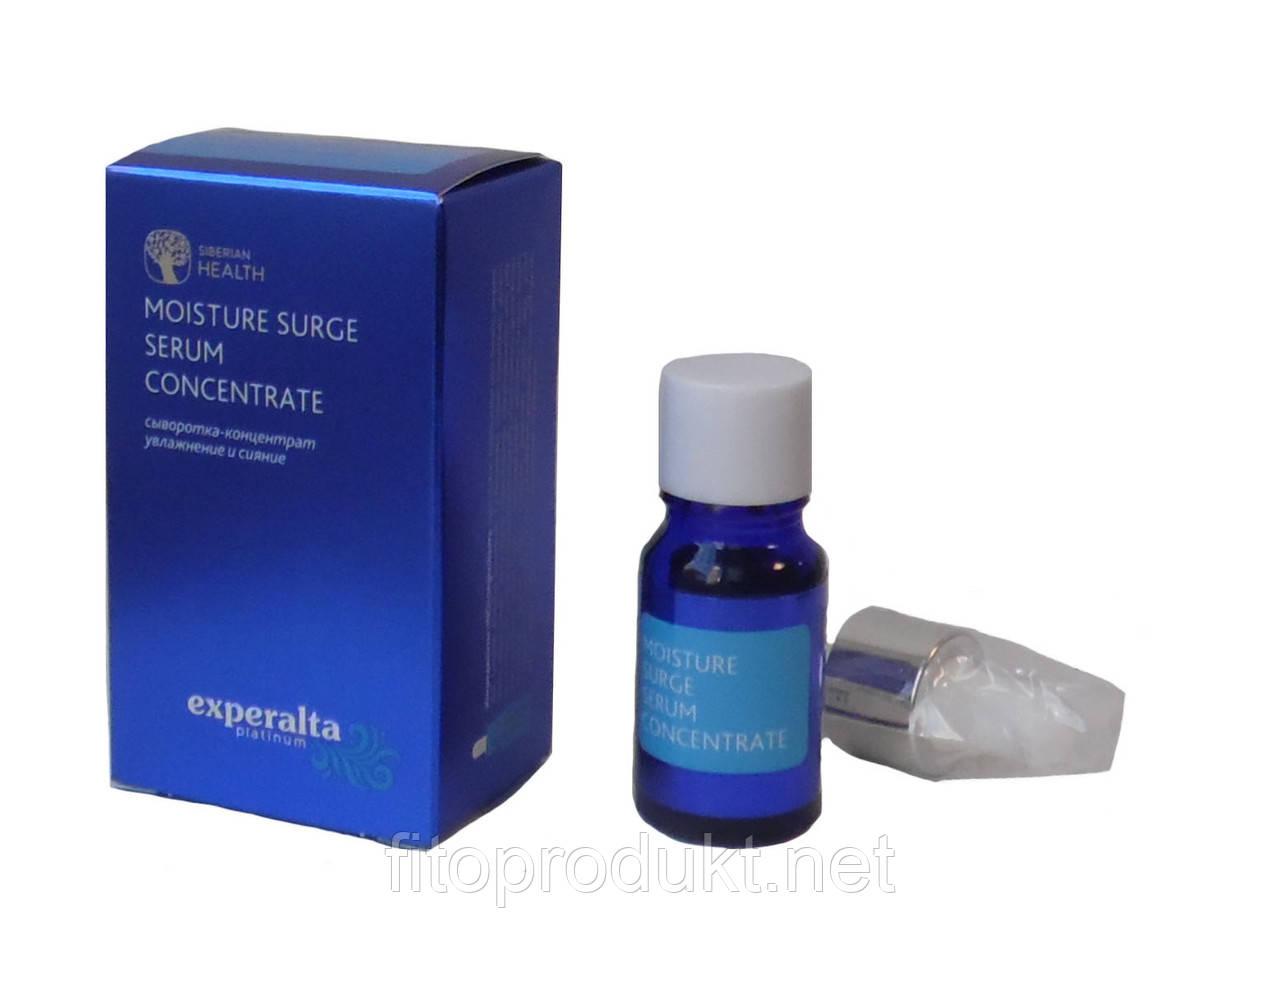 Сыворотка-концентрат «Увлажнение и сияние» - Experalta Platinum, 10 мл